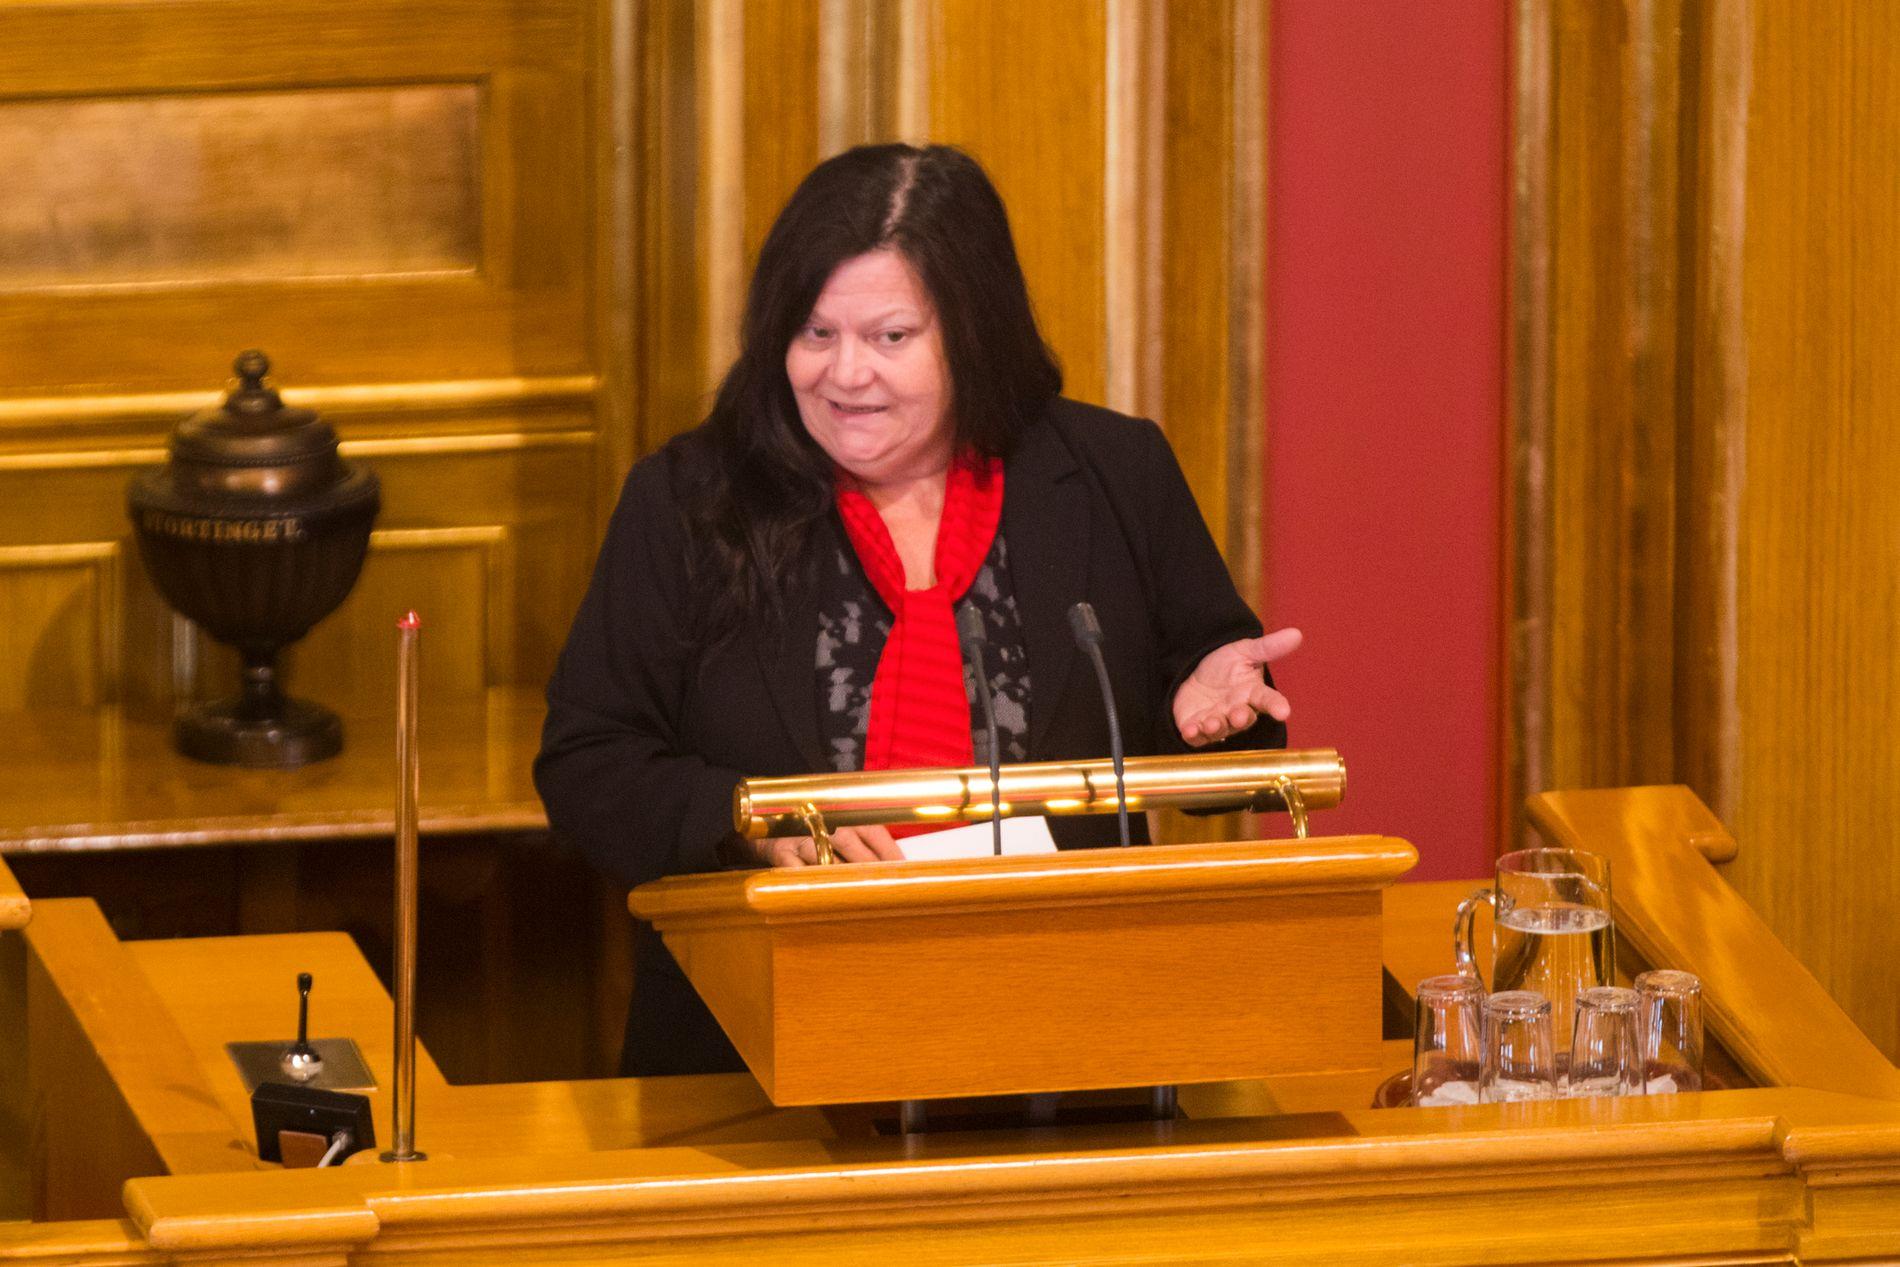 STEMTE «FEIL»: Ingebjørg Godskesen mener hun straffes hardt for å ha stemt mot sin egen stortingsgruppe. Her fra talerstolen under debatten om kommunesammenslåing.